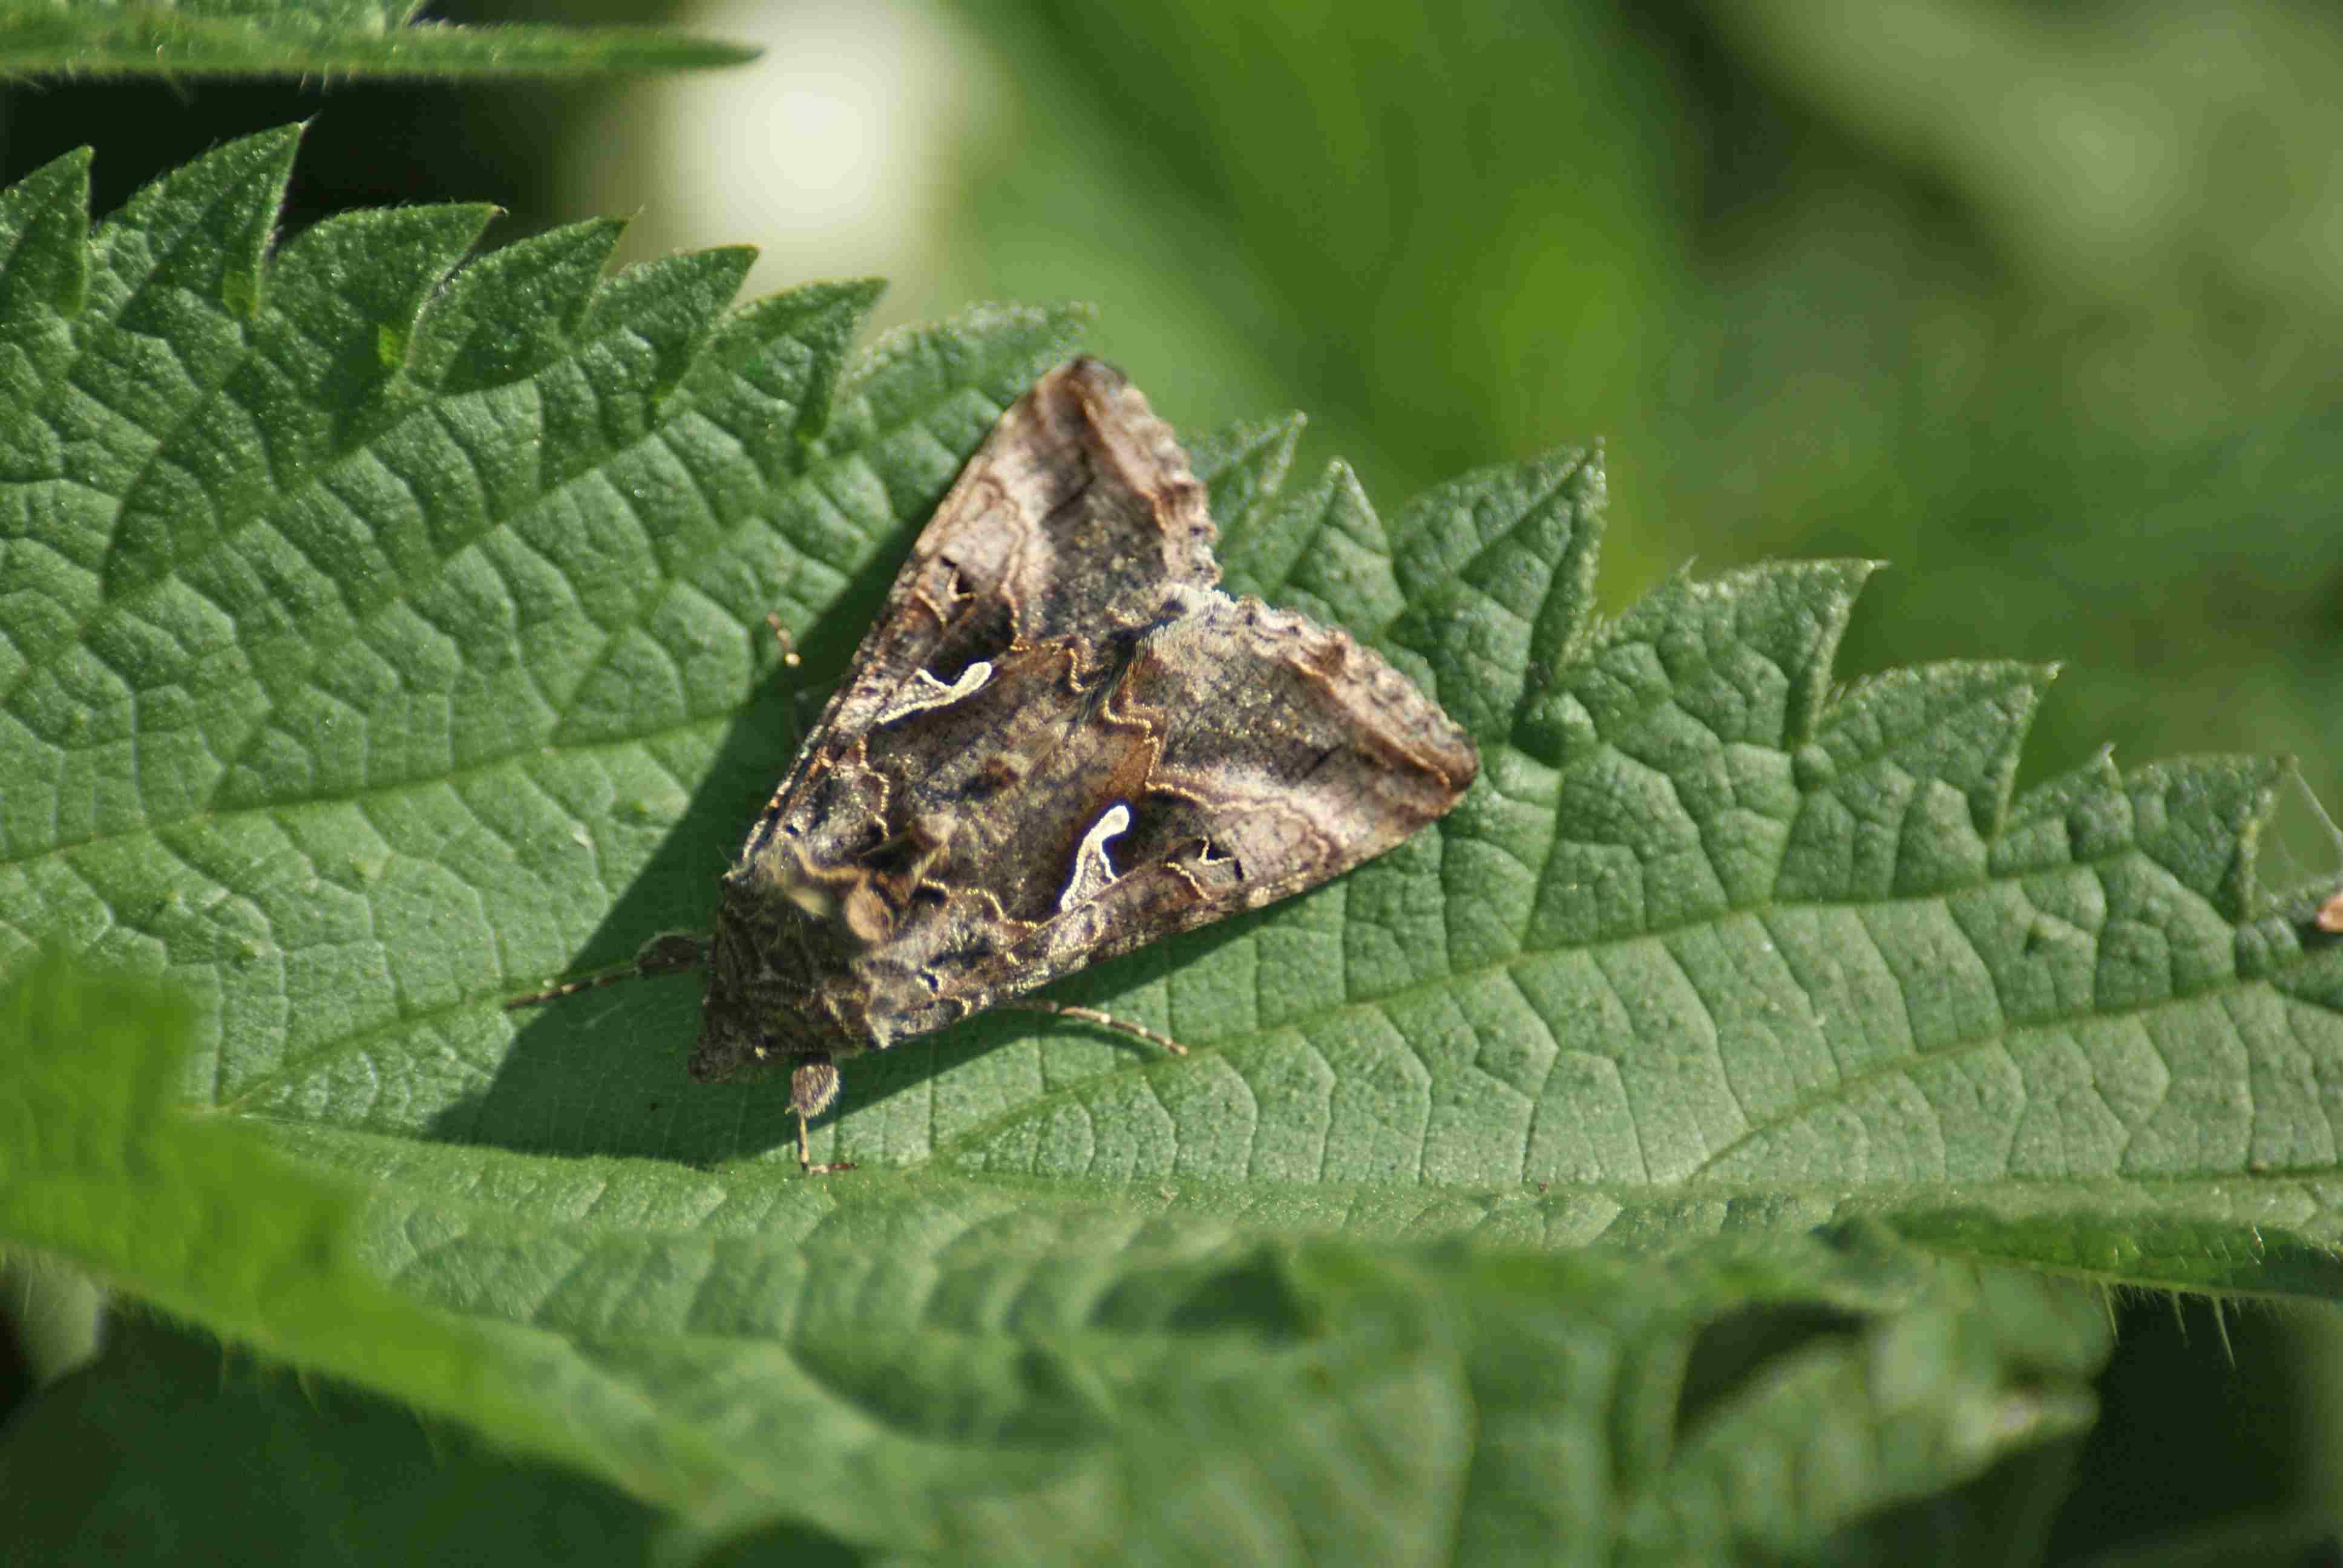 Le lambda ou le gamma quel est cet animal - Gros papillon de nuit dangereux ...